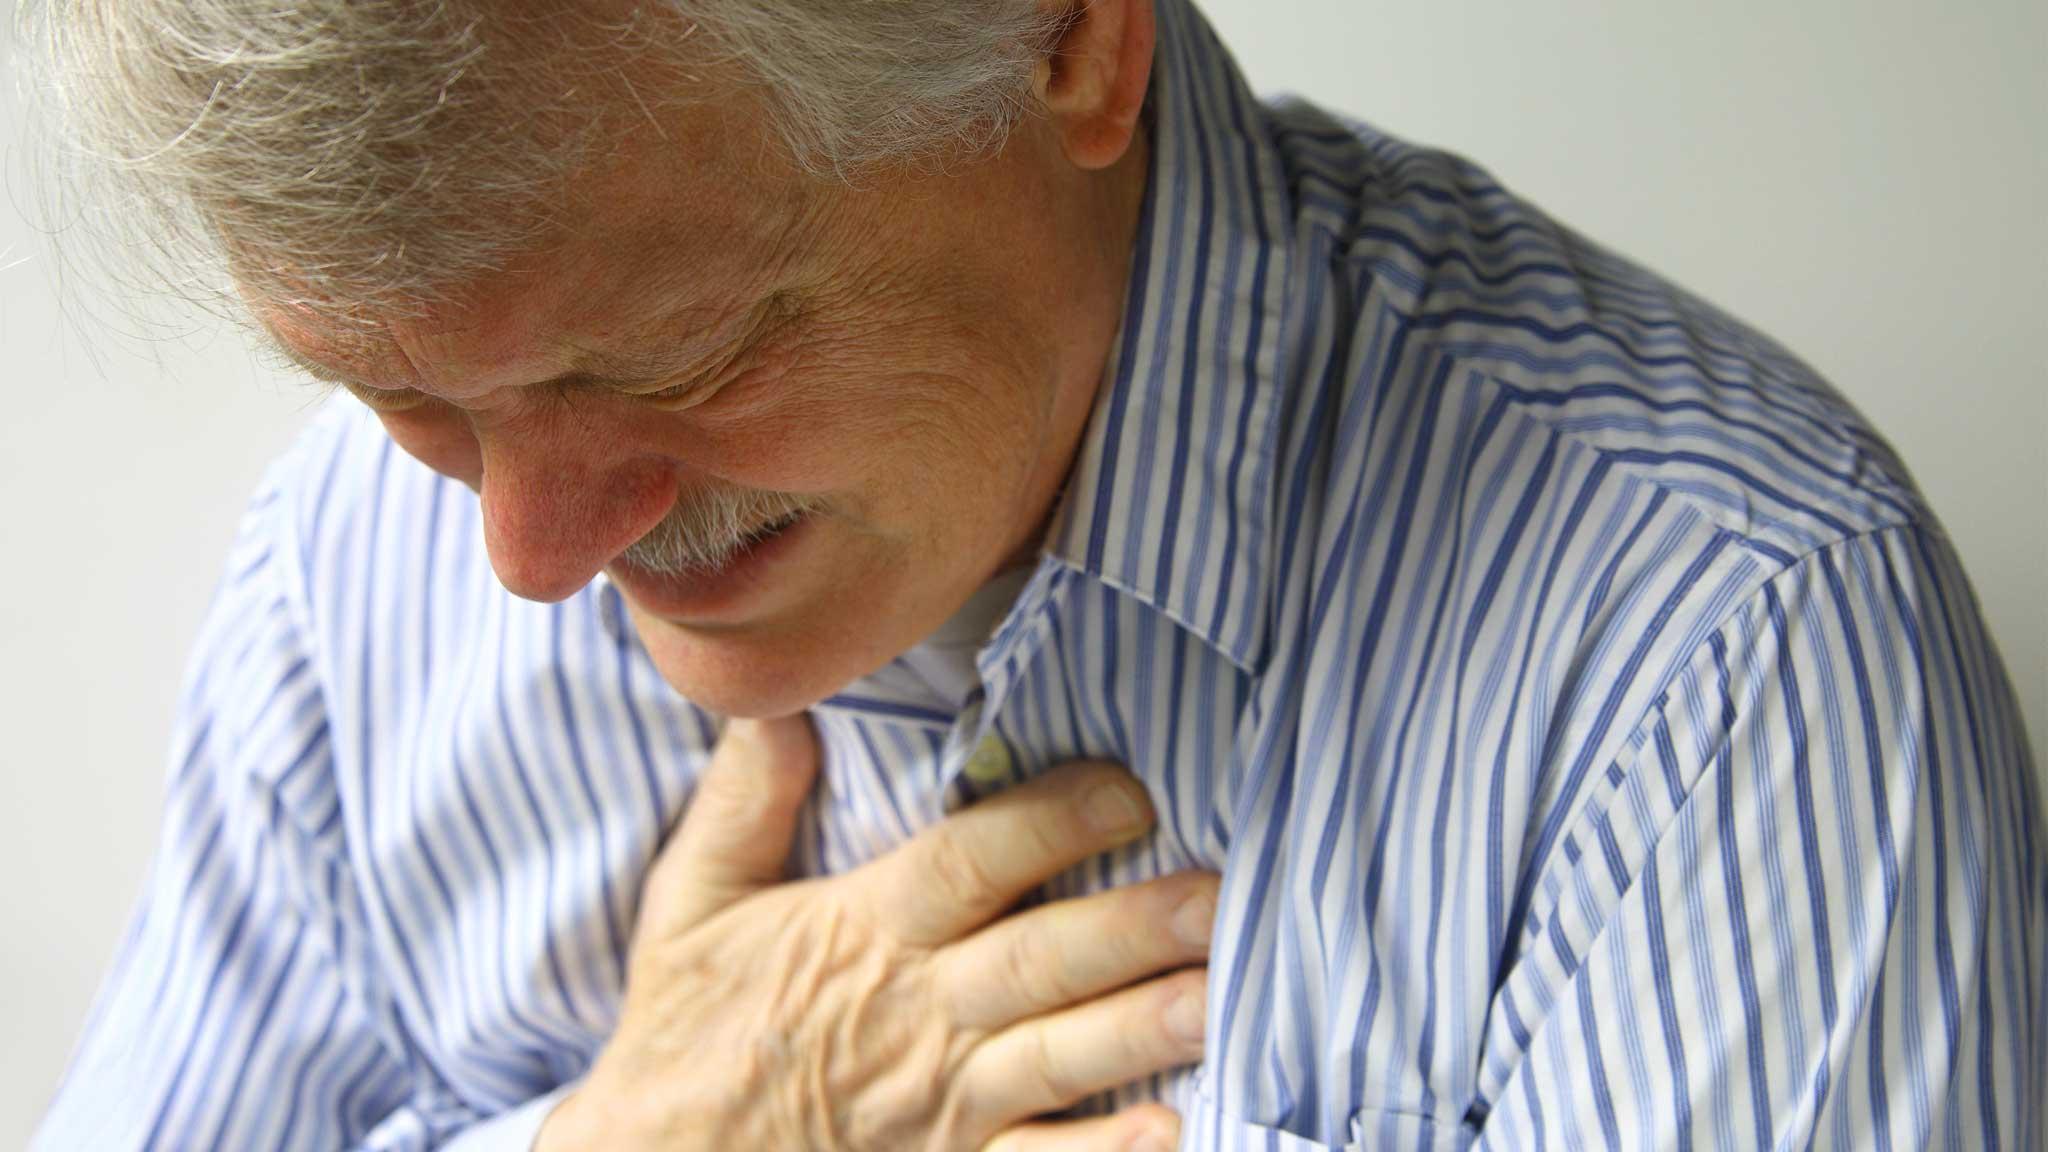 Отличительные особенности межреберной невралгии и сердечного приступа